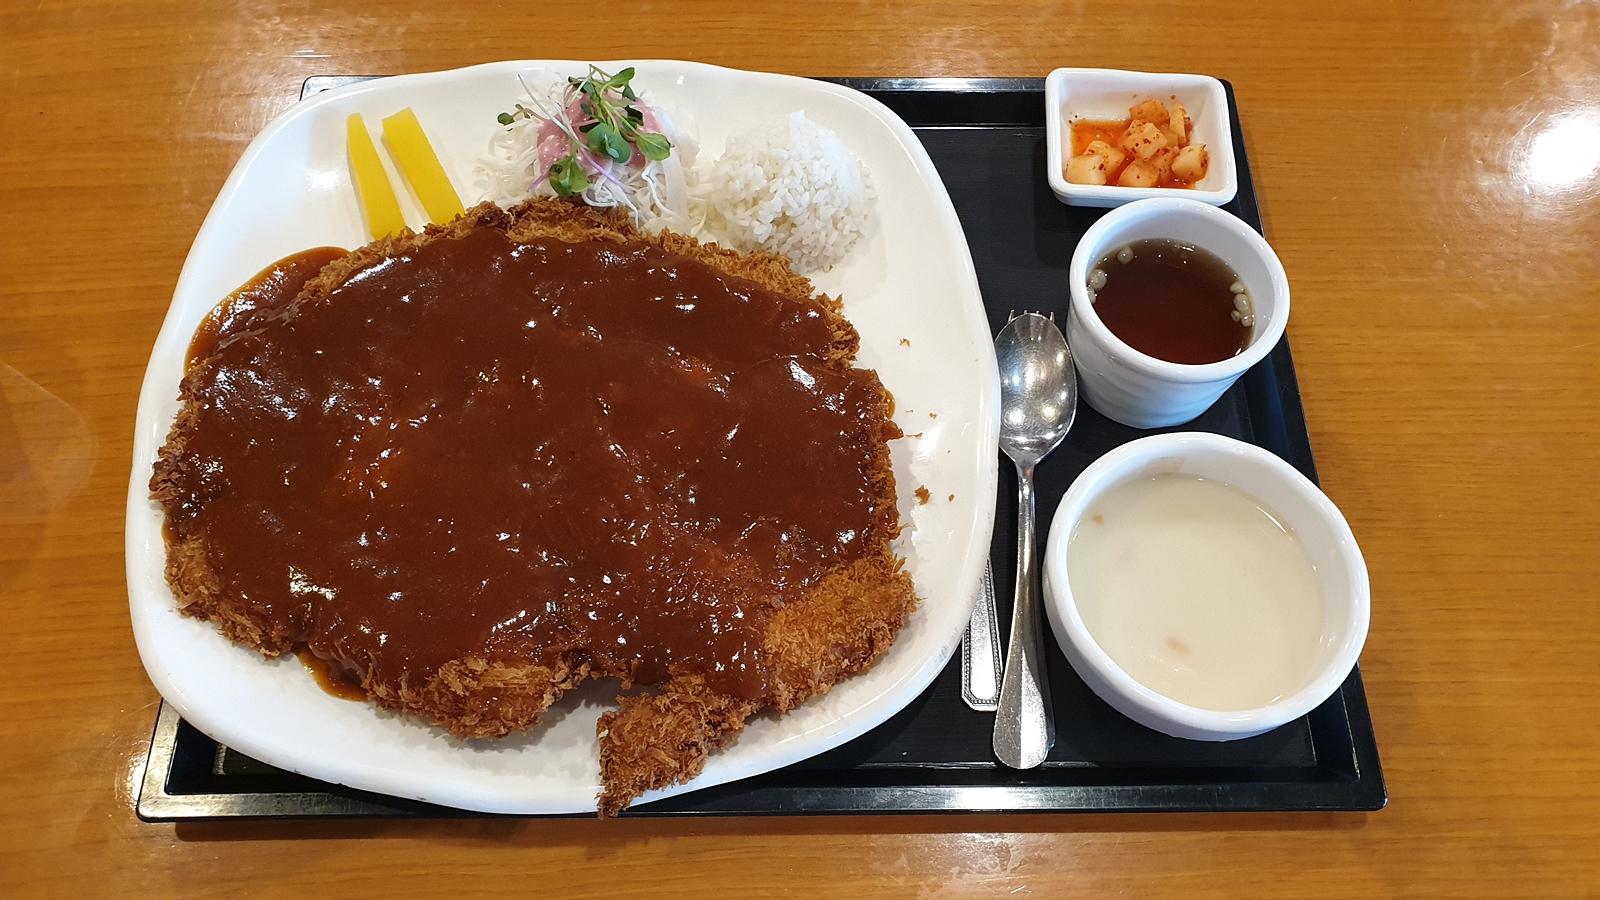 돈까스클럽 천안서북구점 : 추억의 맛, 왕돈까스 맛집